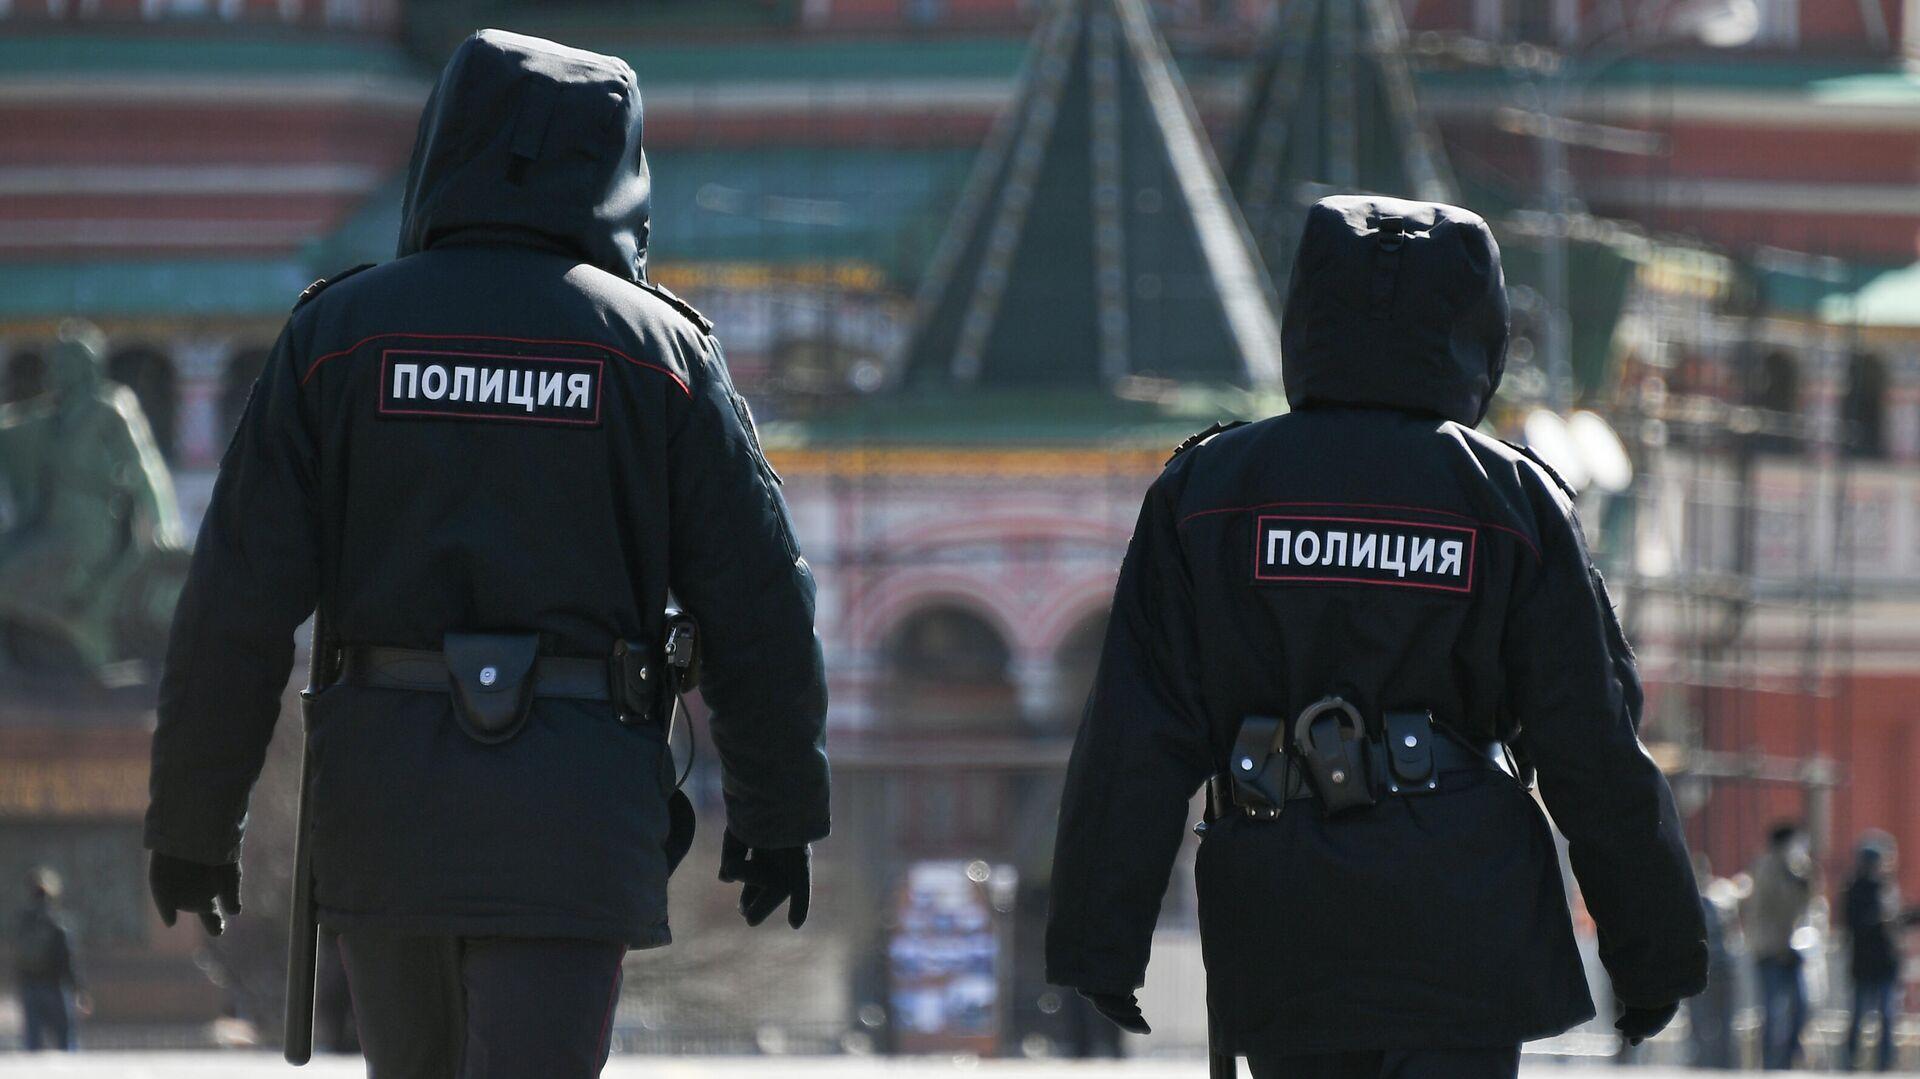 Сотрудники полиции на Красной площади в Москве - РИА Новости, 1920, 01.02.2021